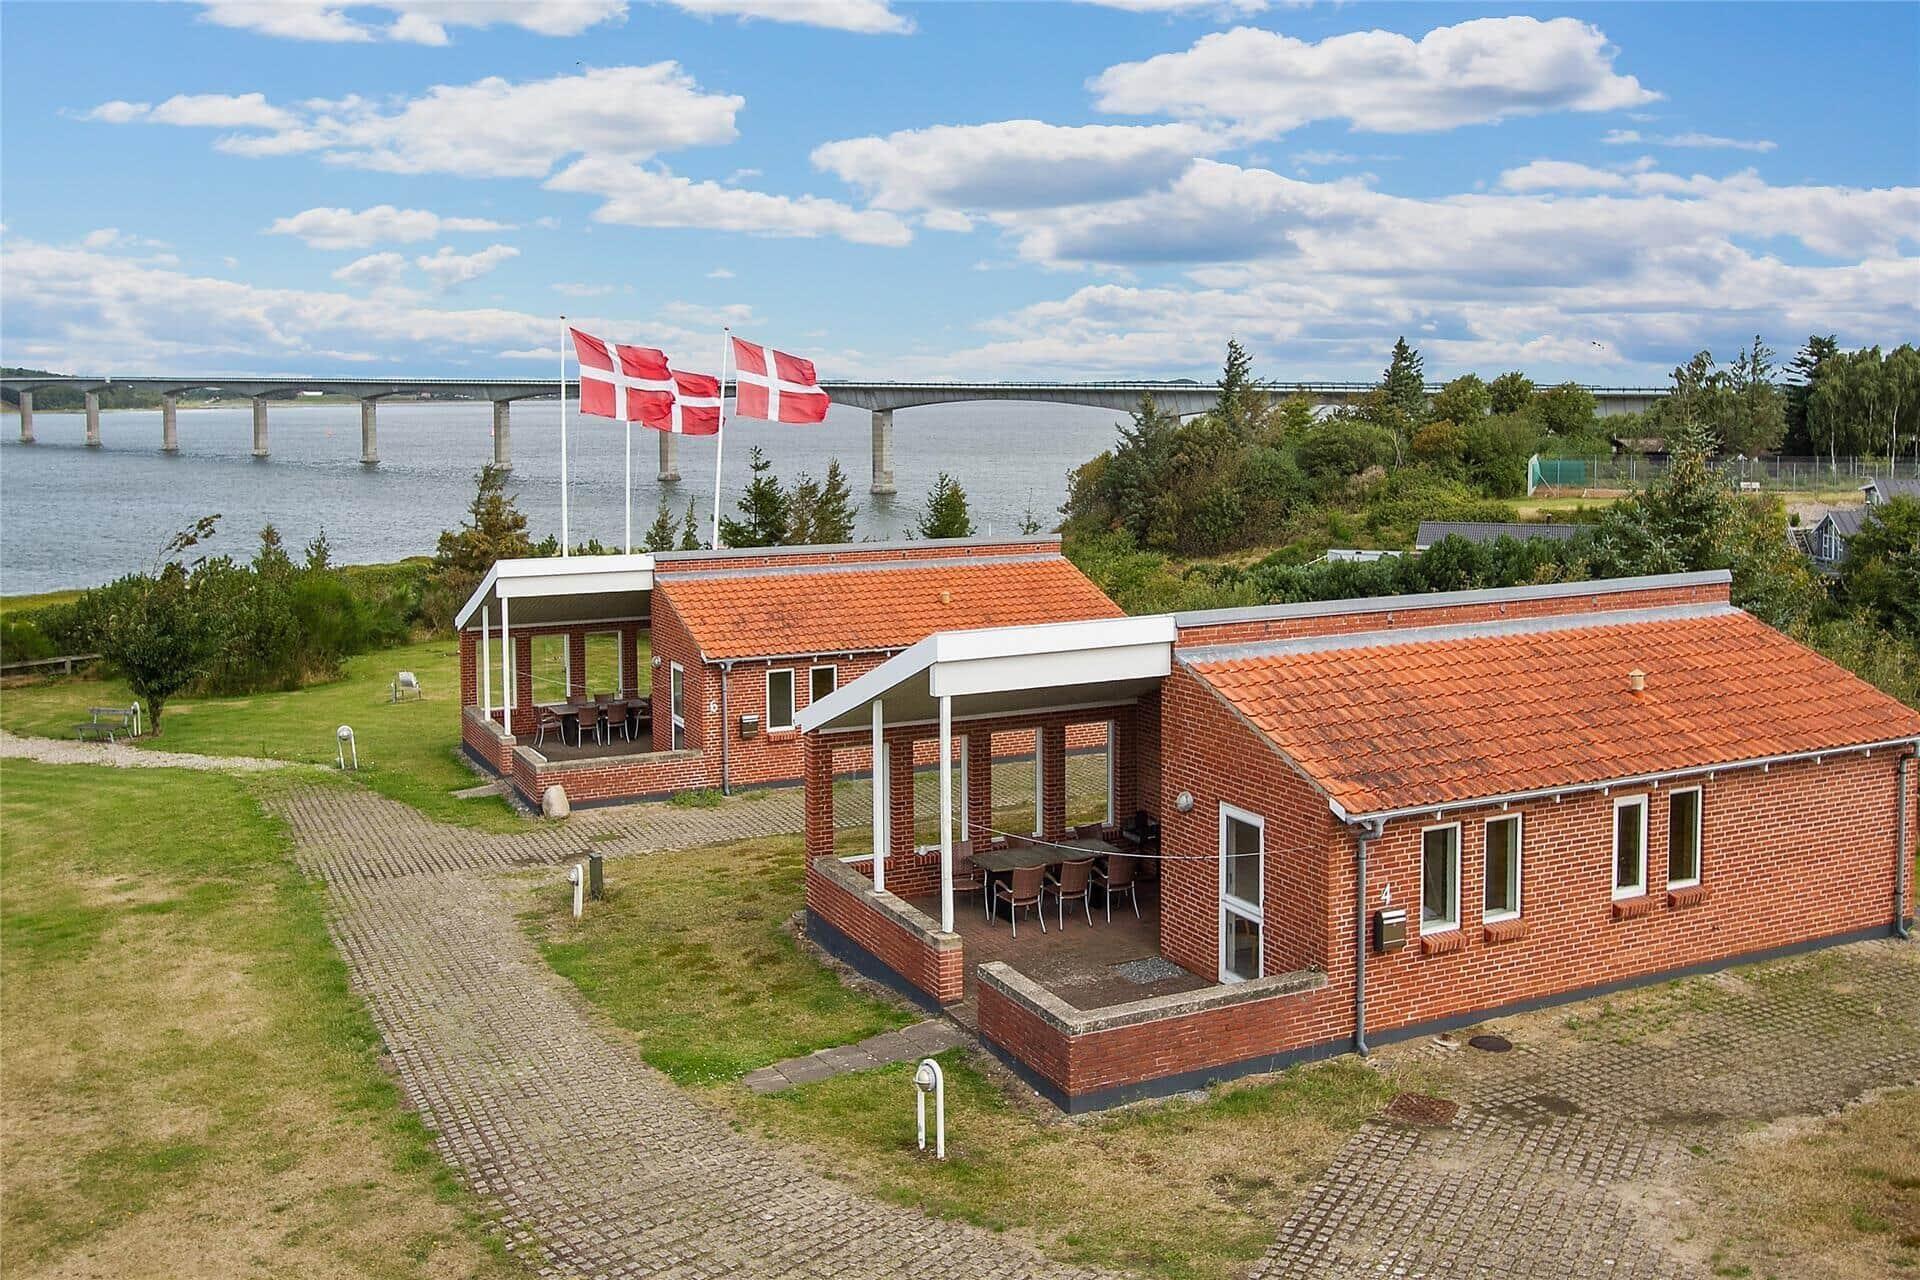 Billede 1-3 Sommerhus L14208, Skrænten 6, DK - 7870 Roslev